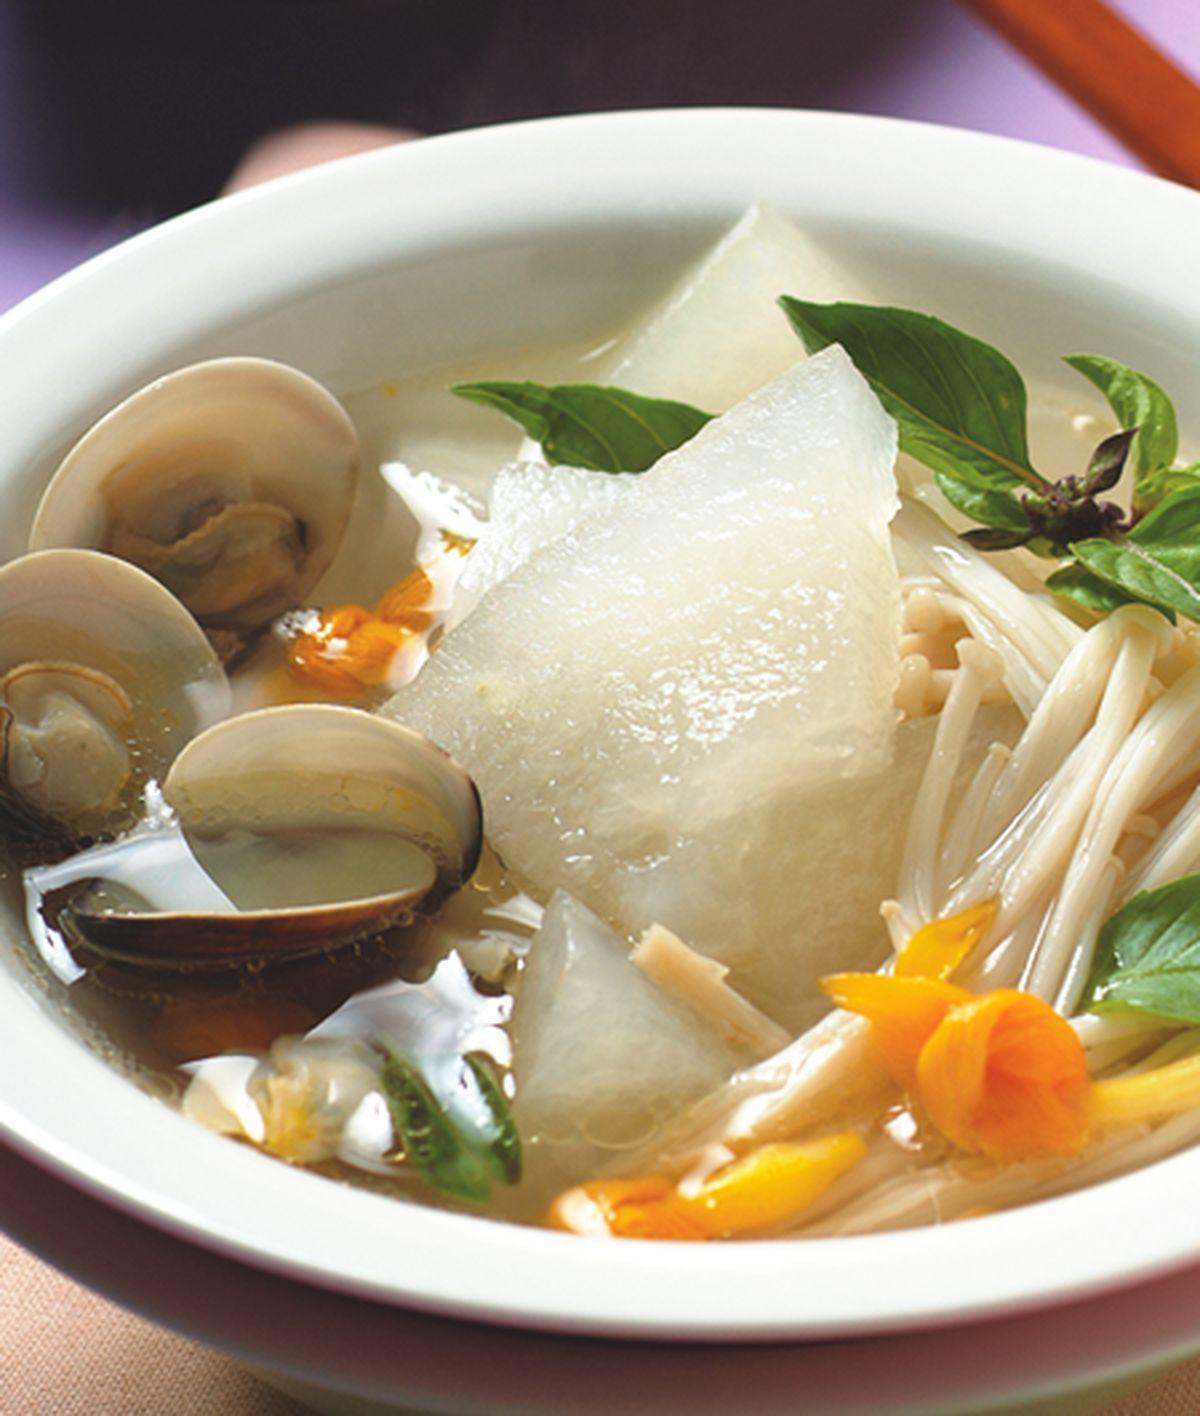 食譜:冬瓜蛤蠣湯